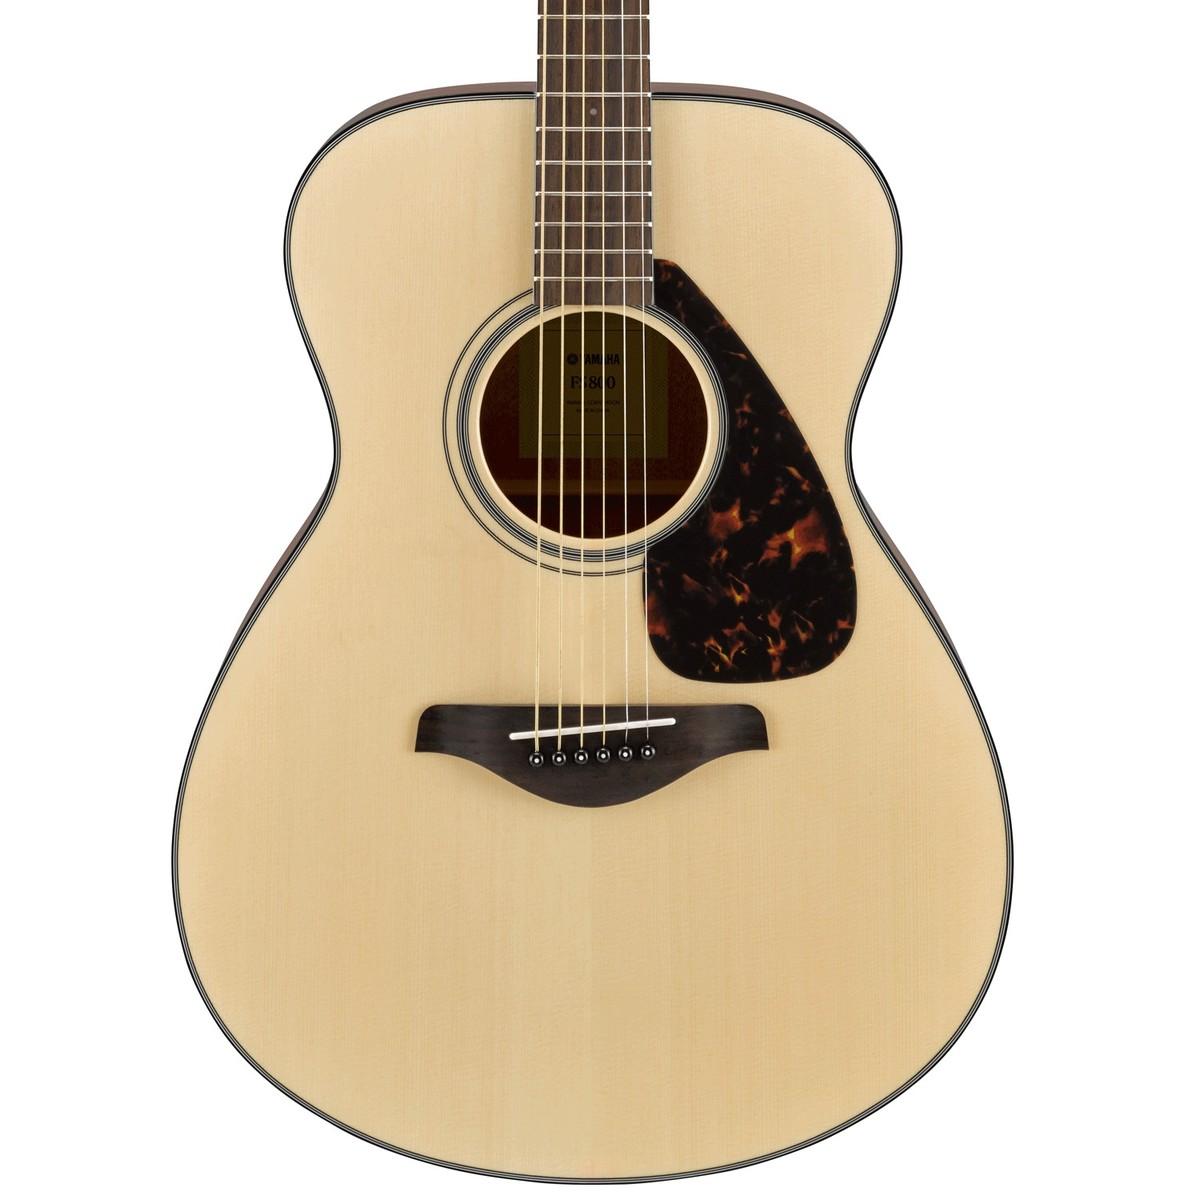 Yamaha fs800 acoustic guitar natural at for Yamaha fs 310 guitar